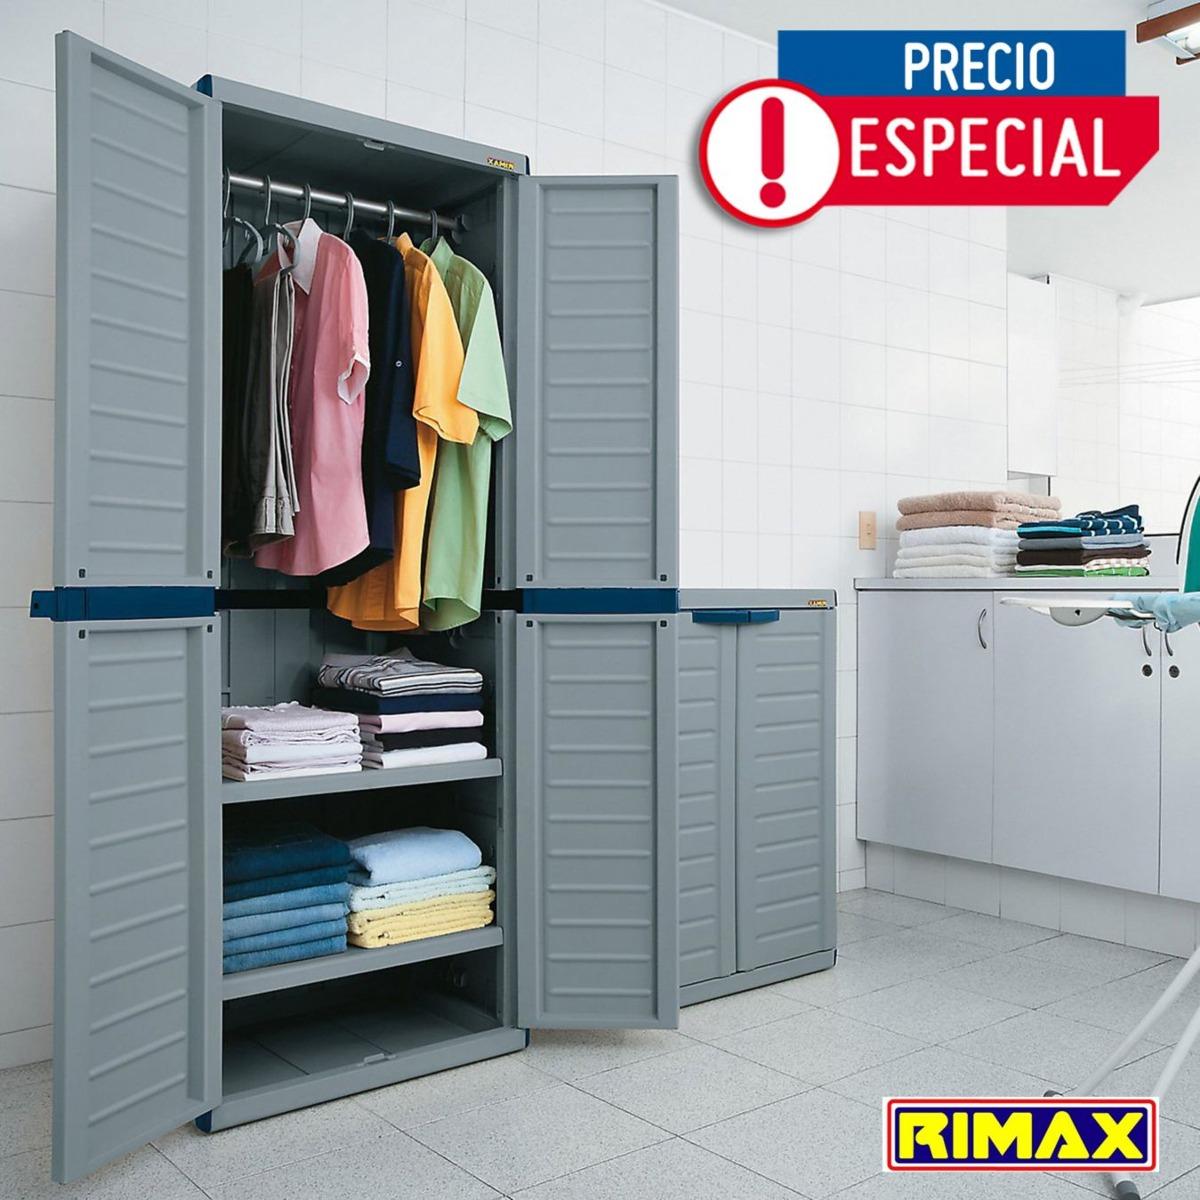 Muebles Para Ropa ~ Obtenga ideas Diseño de muebles para su hogar ...